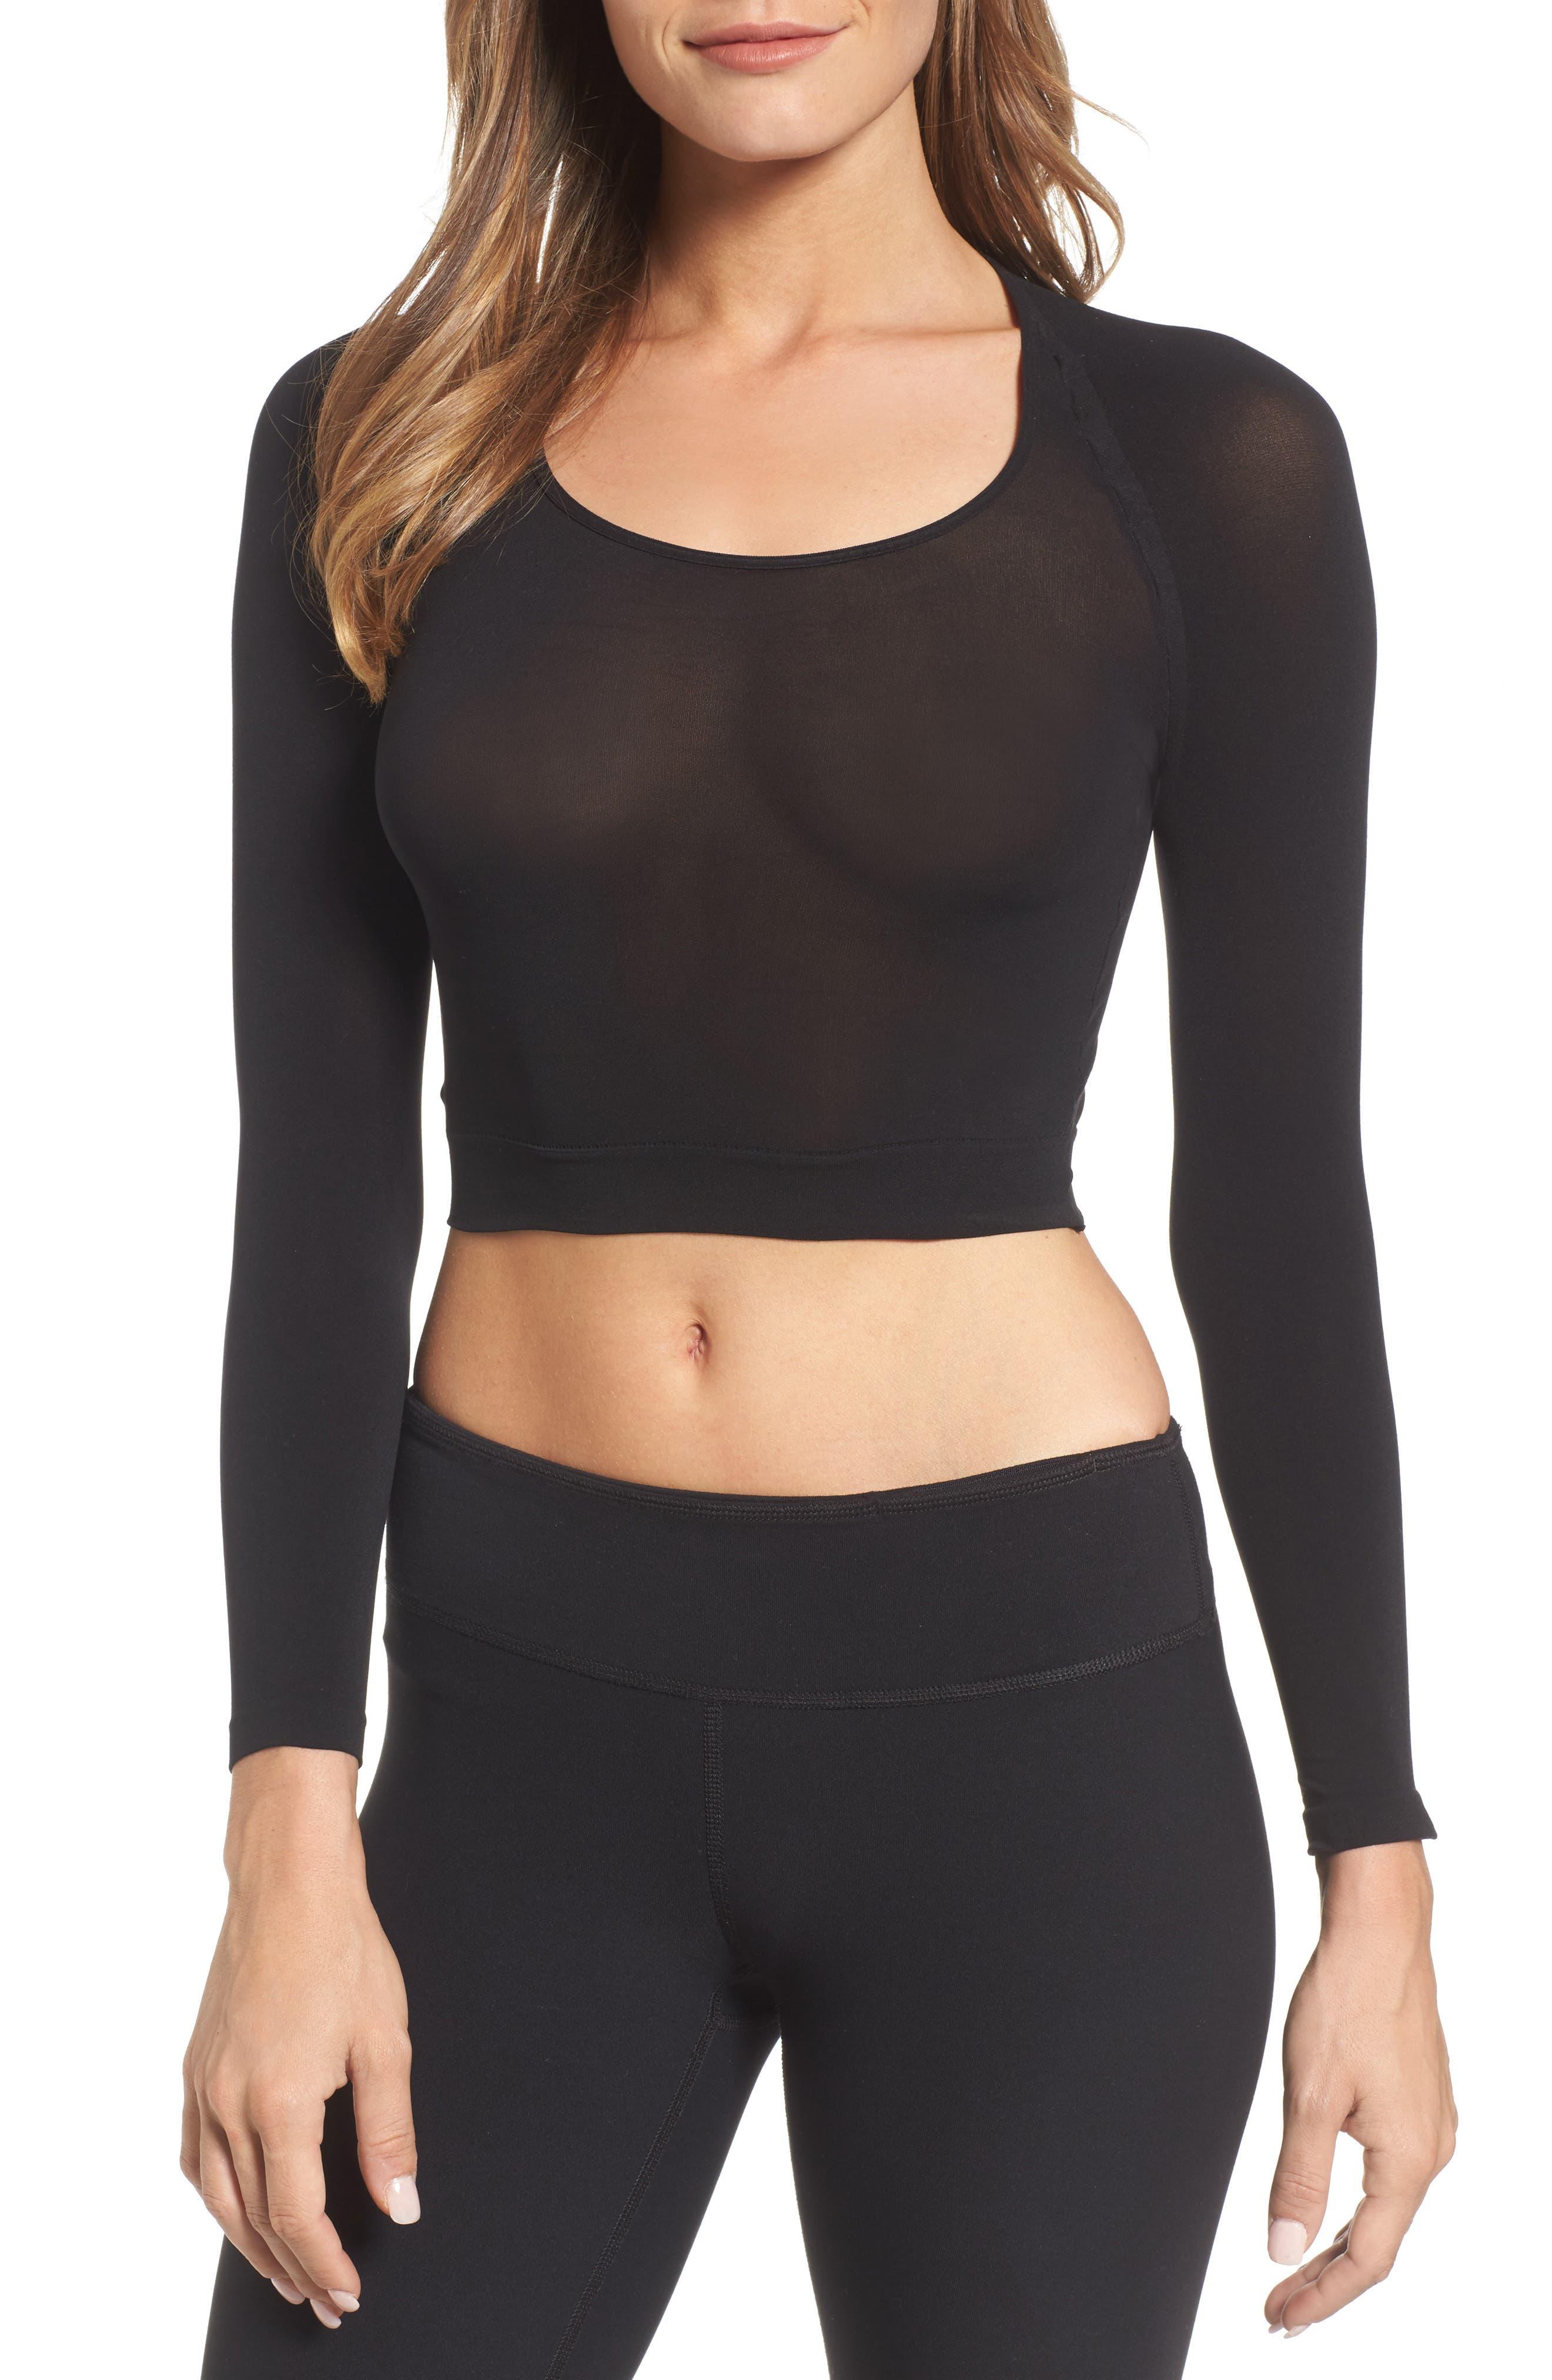 Arm Tights Crop Top,                         Main,                         color, Very Black